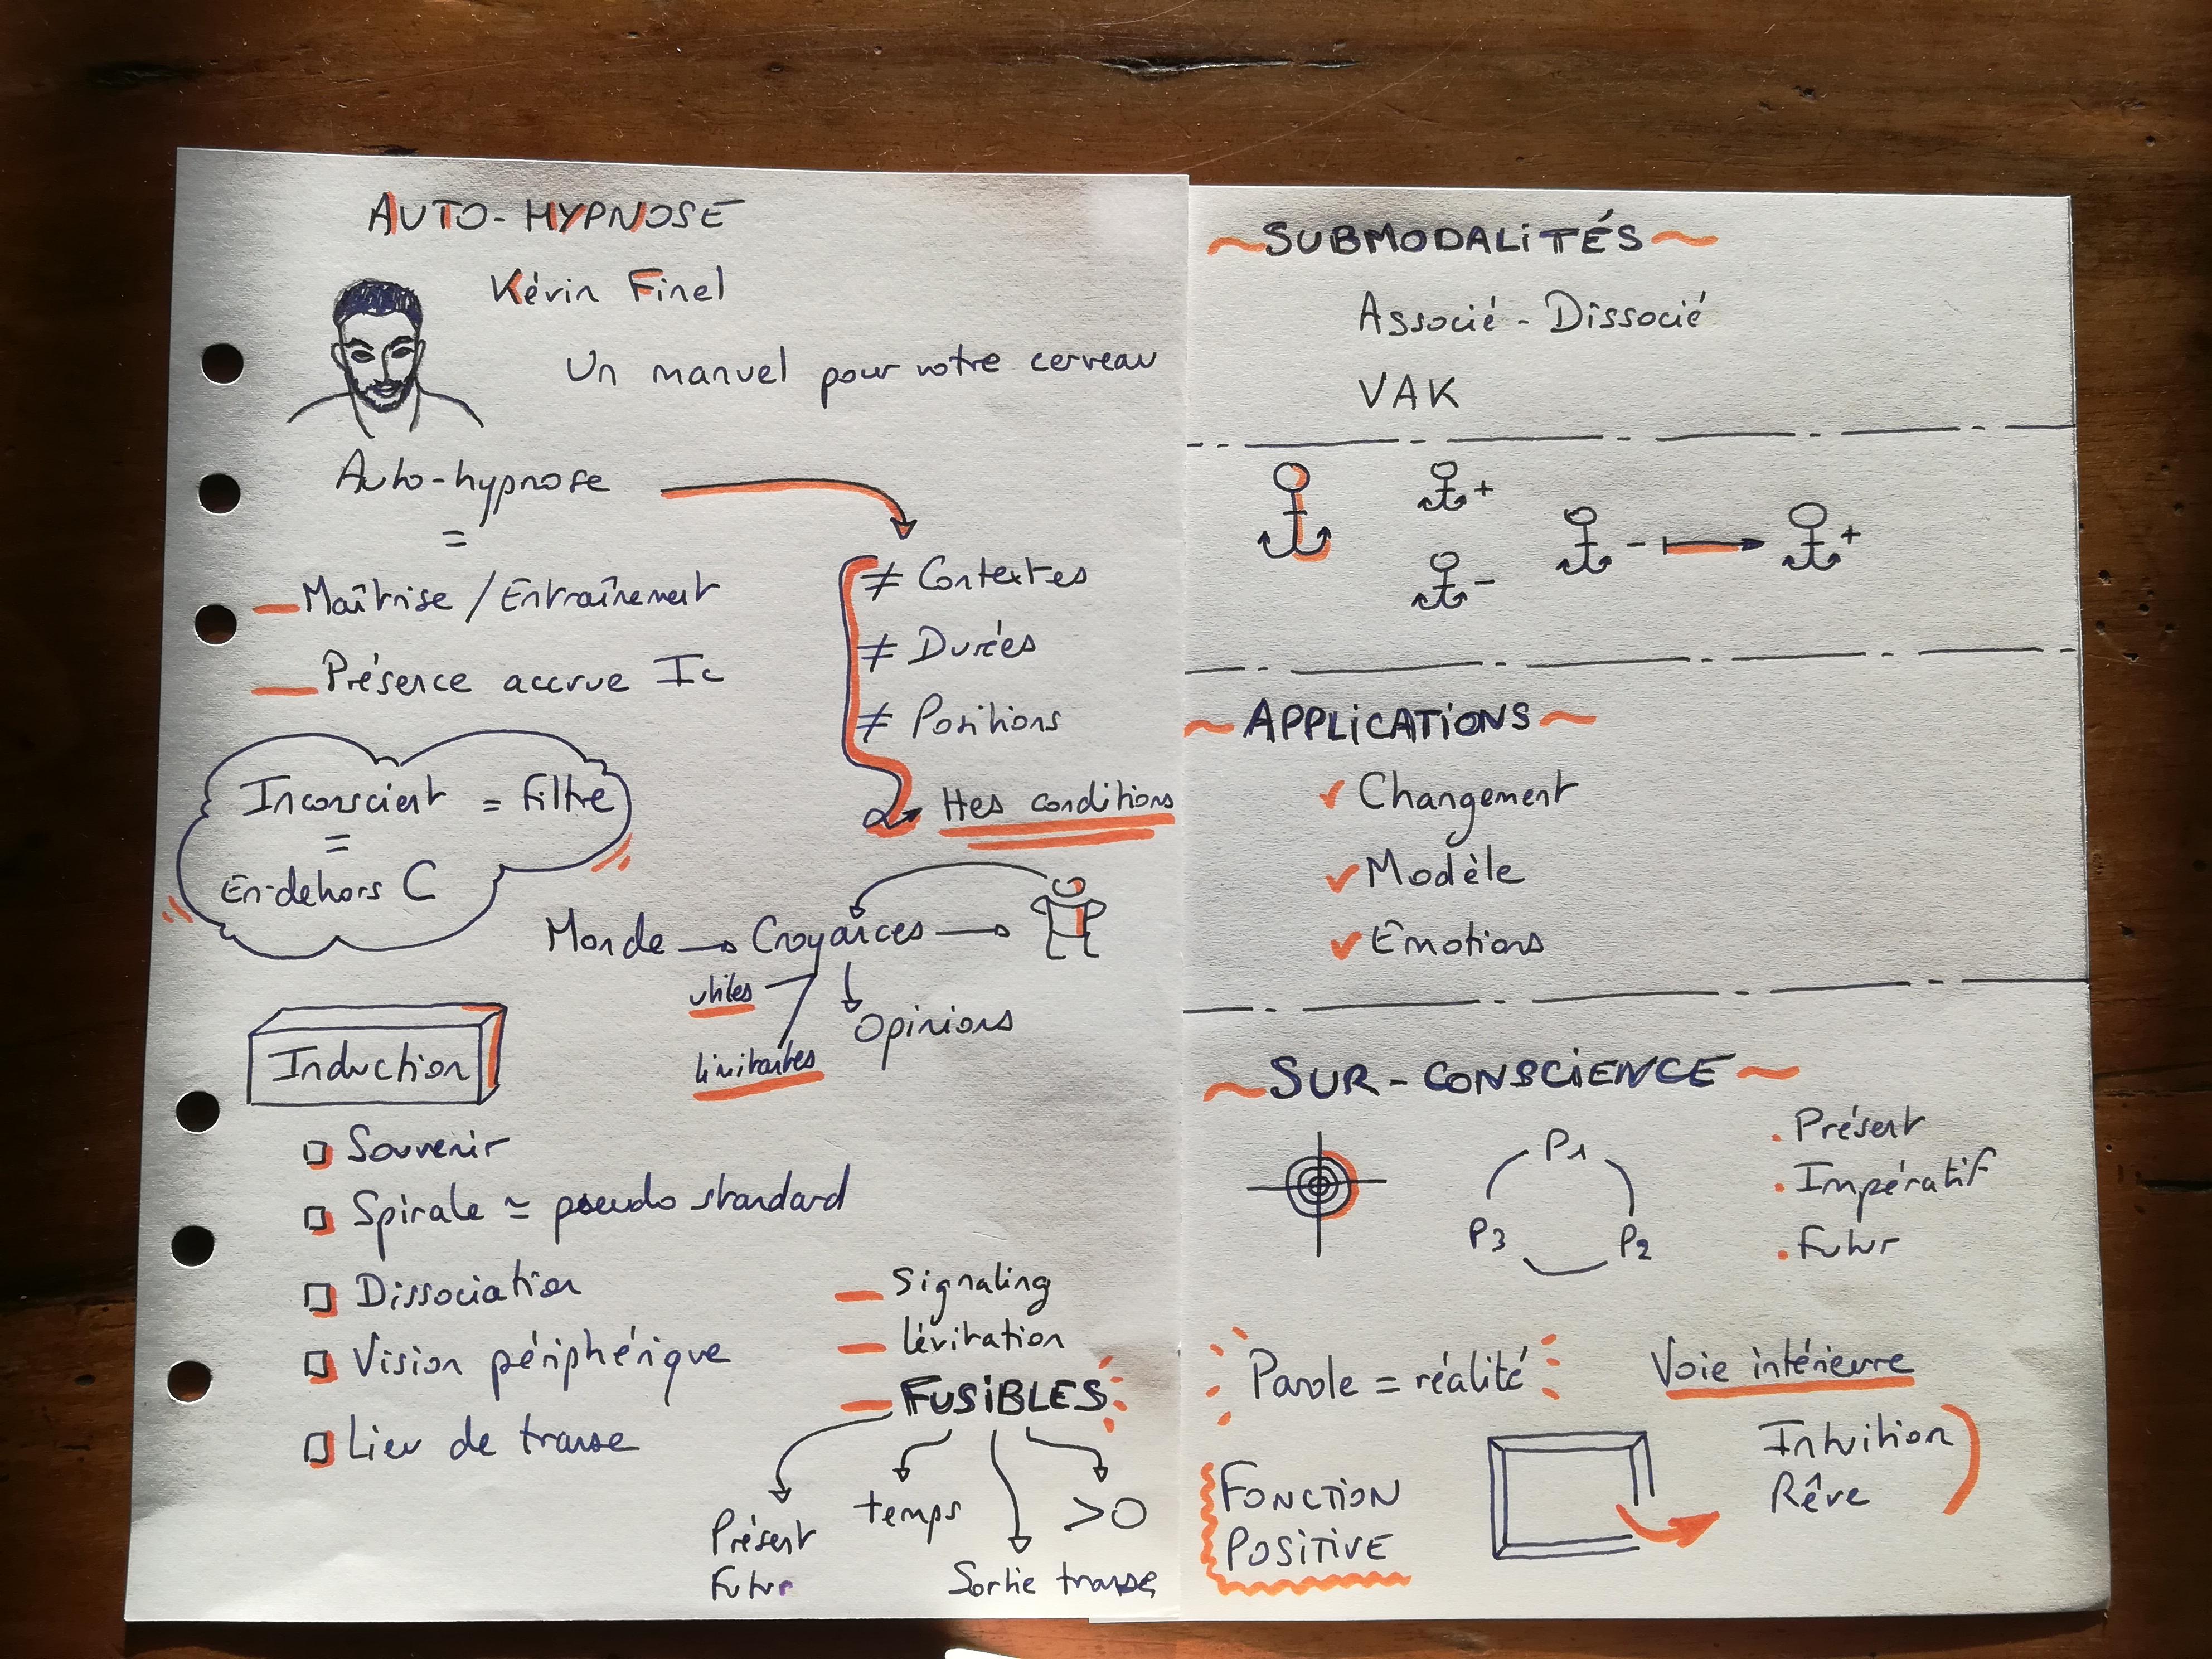 Auto-Hypnose - Kevin Finel - notes de lecture - Mylene Grenier (1)